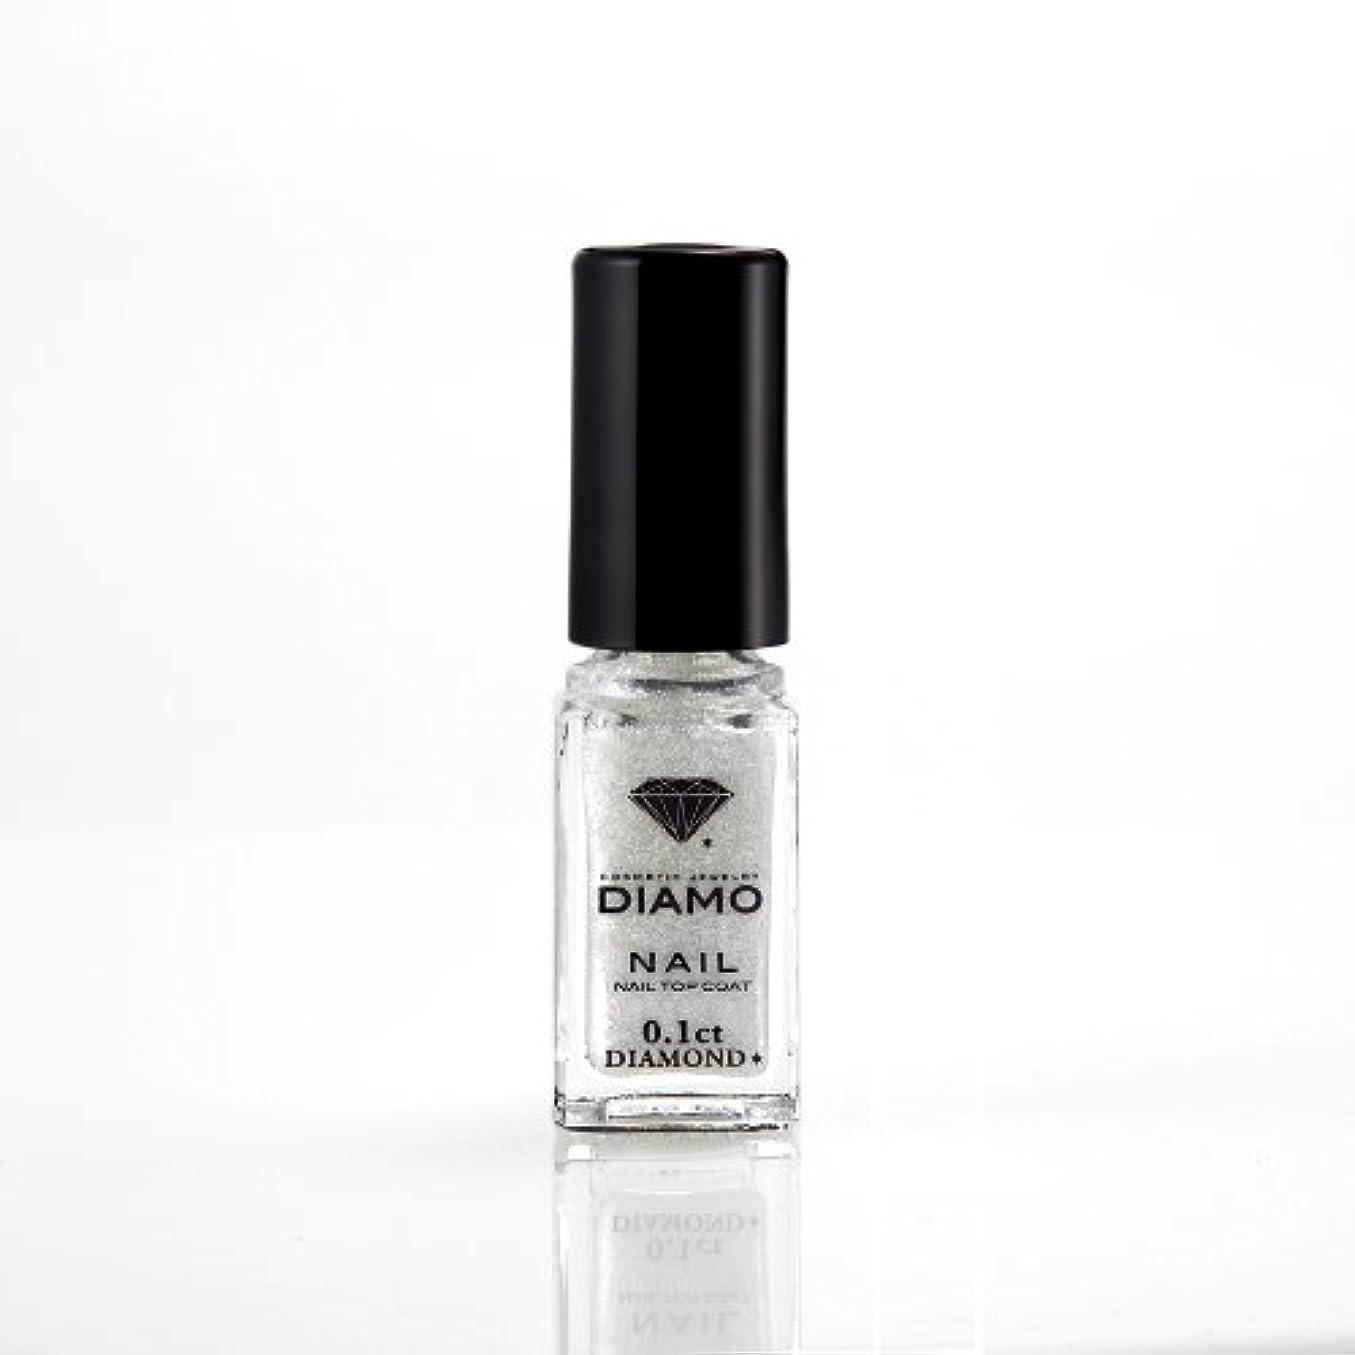 帳面飽和する高揚したDIAMO NAIL TOP COAT ディアモ ネイル トップコート0.1ct 天然ダイヤモンド粉末入り5ml